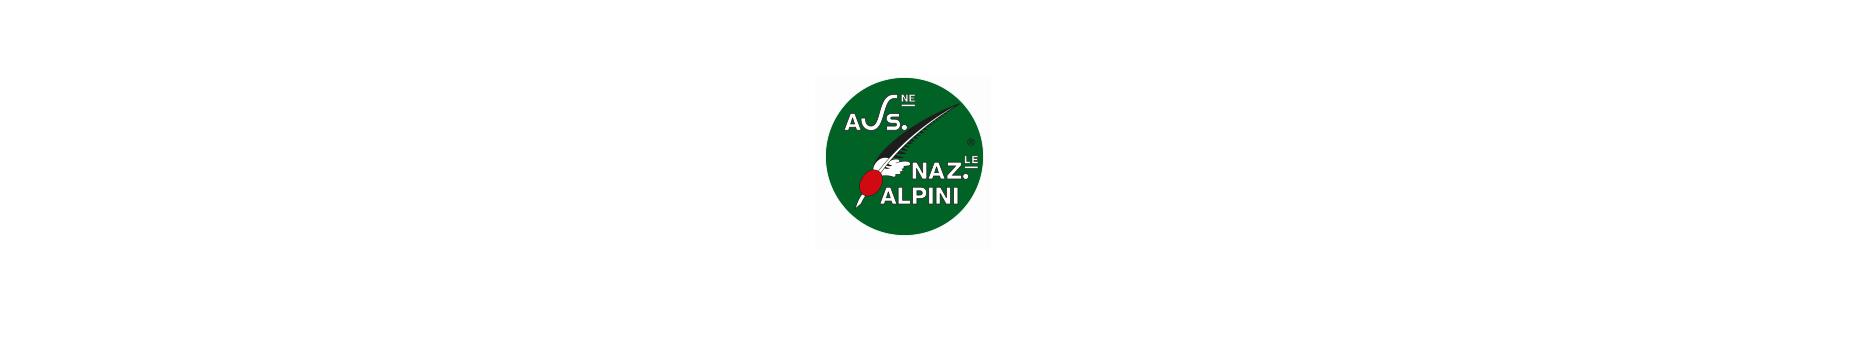 Associazione Nazionale Alpini - Gruppo Monte Ortigara - logo